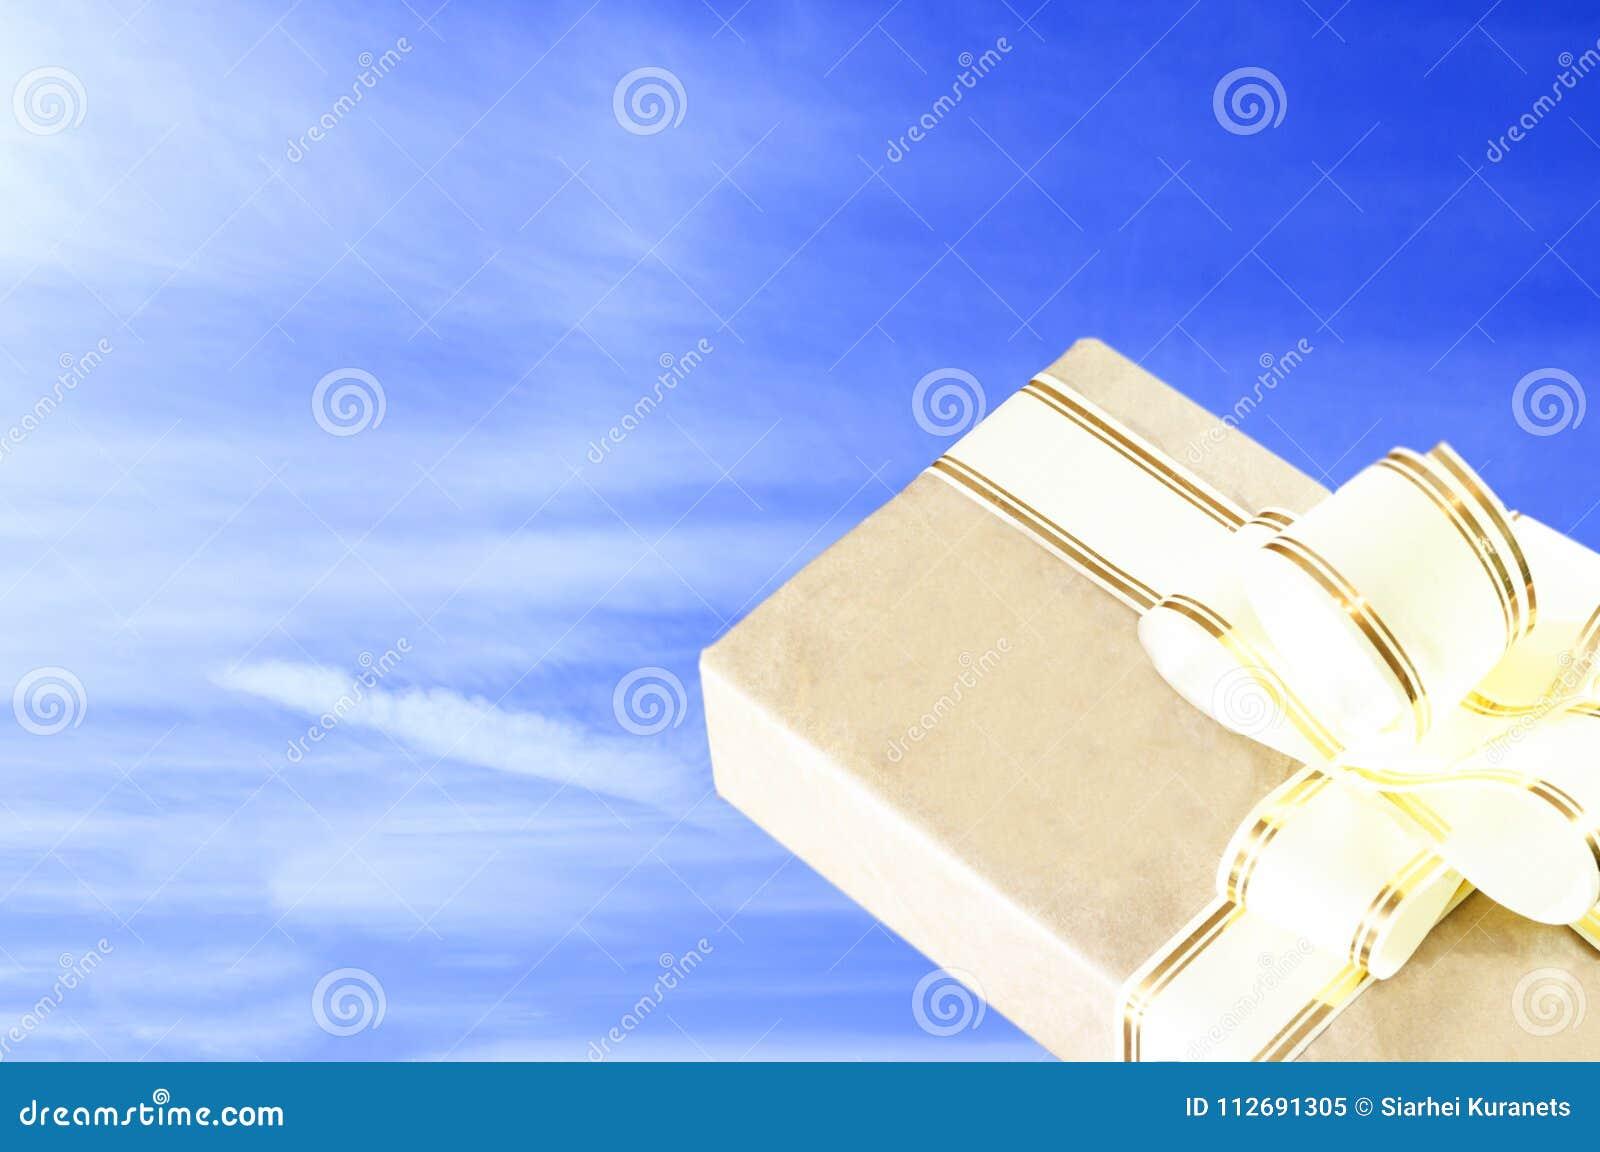 清楚的晴天 天空是蓝色的 在老牌的礼物盒,与金丝带